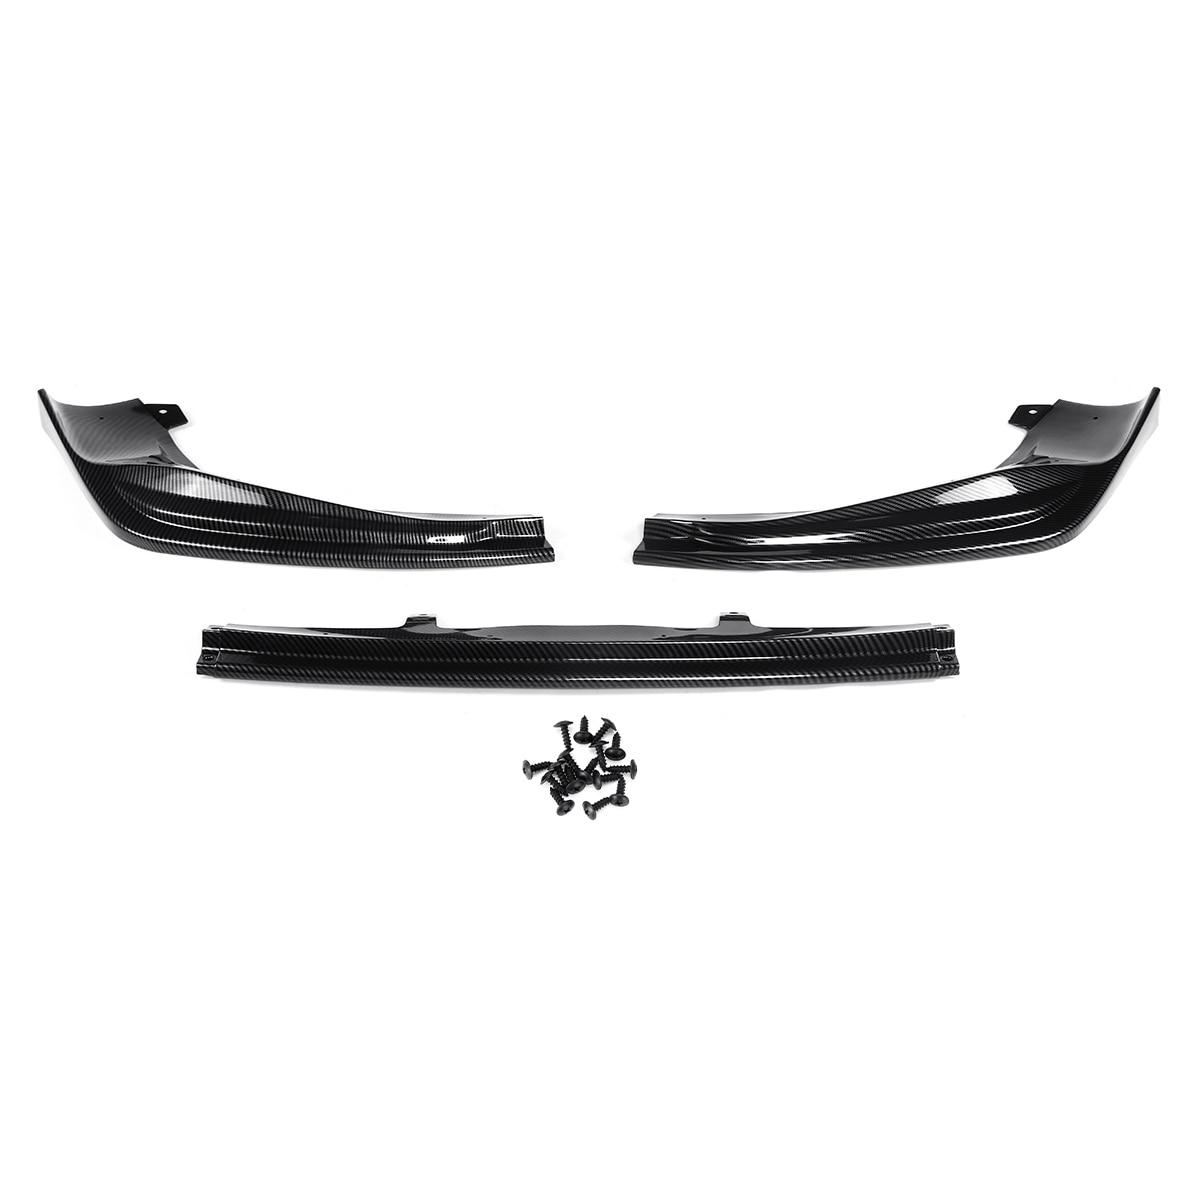 3 шт. углеродное волокно вид автомобиля передний бампер для губ Сплиттер Комплект диффузор протектор для Lexus IS250/350/200 T/300 AWD F-Sport 2014-2016